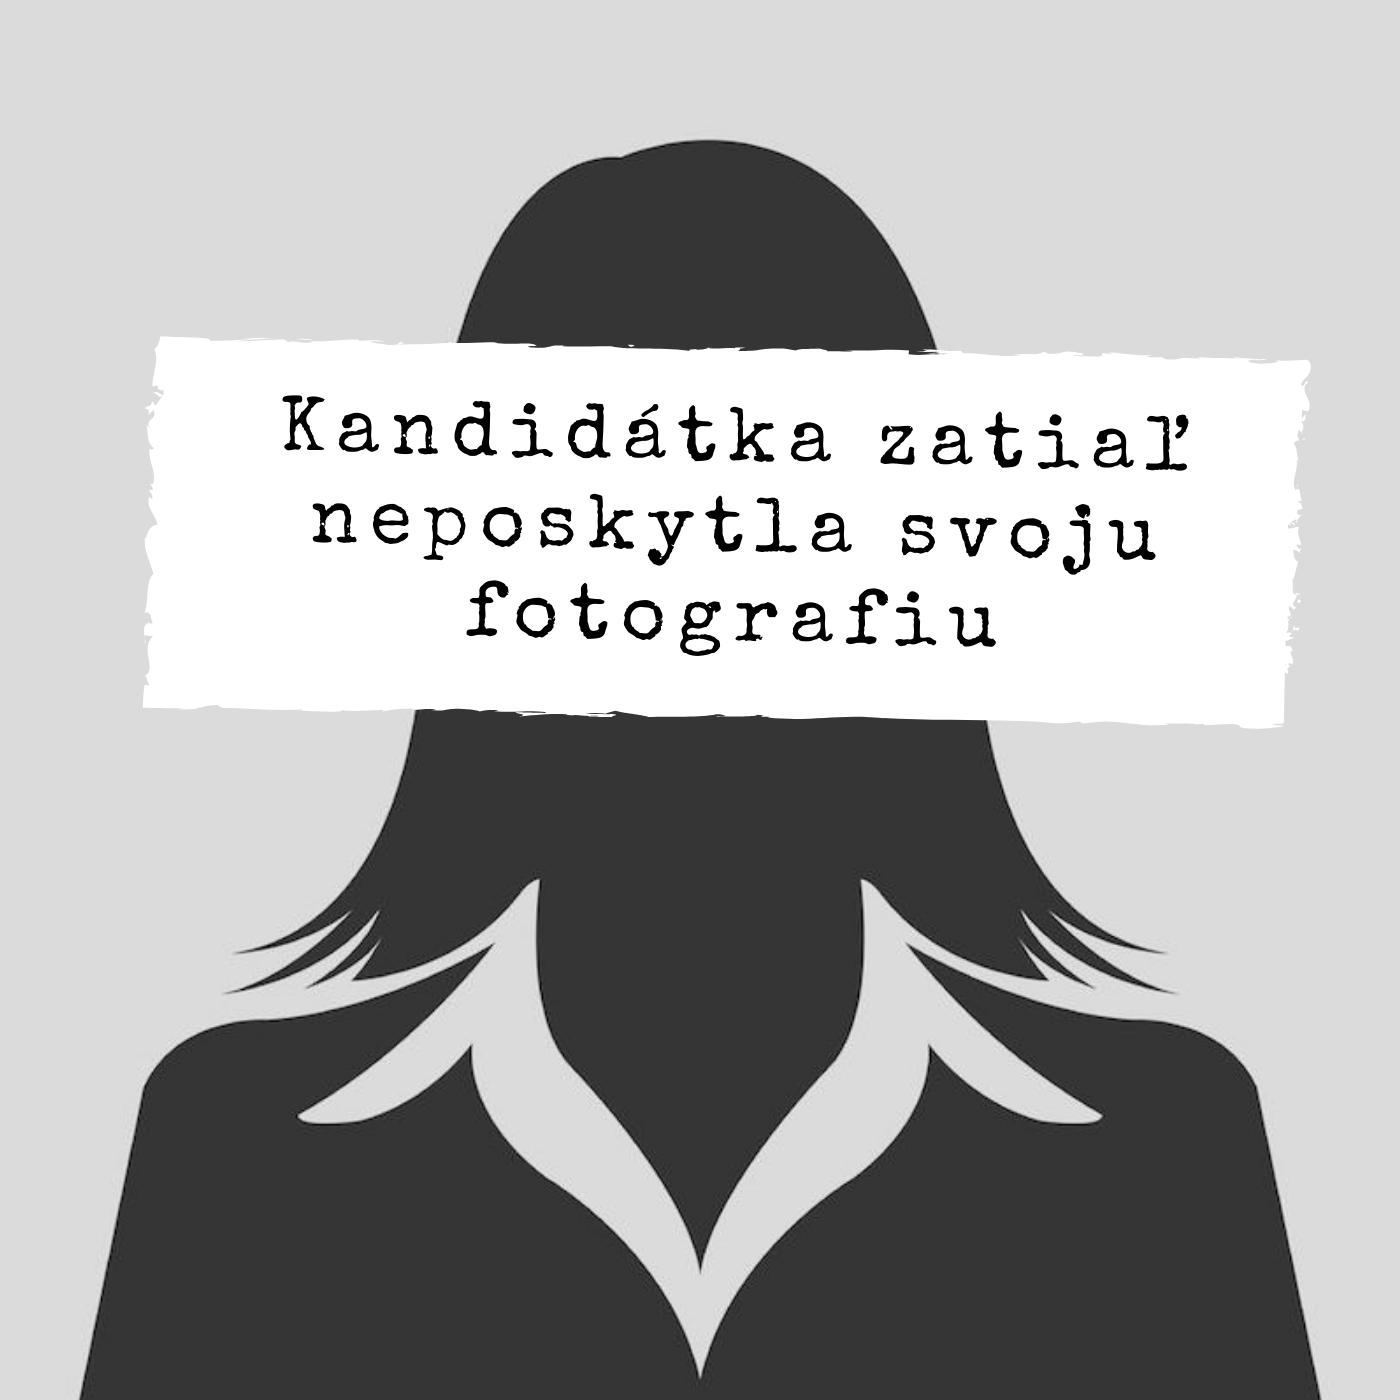 Sudkyna bez profilového obrázka